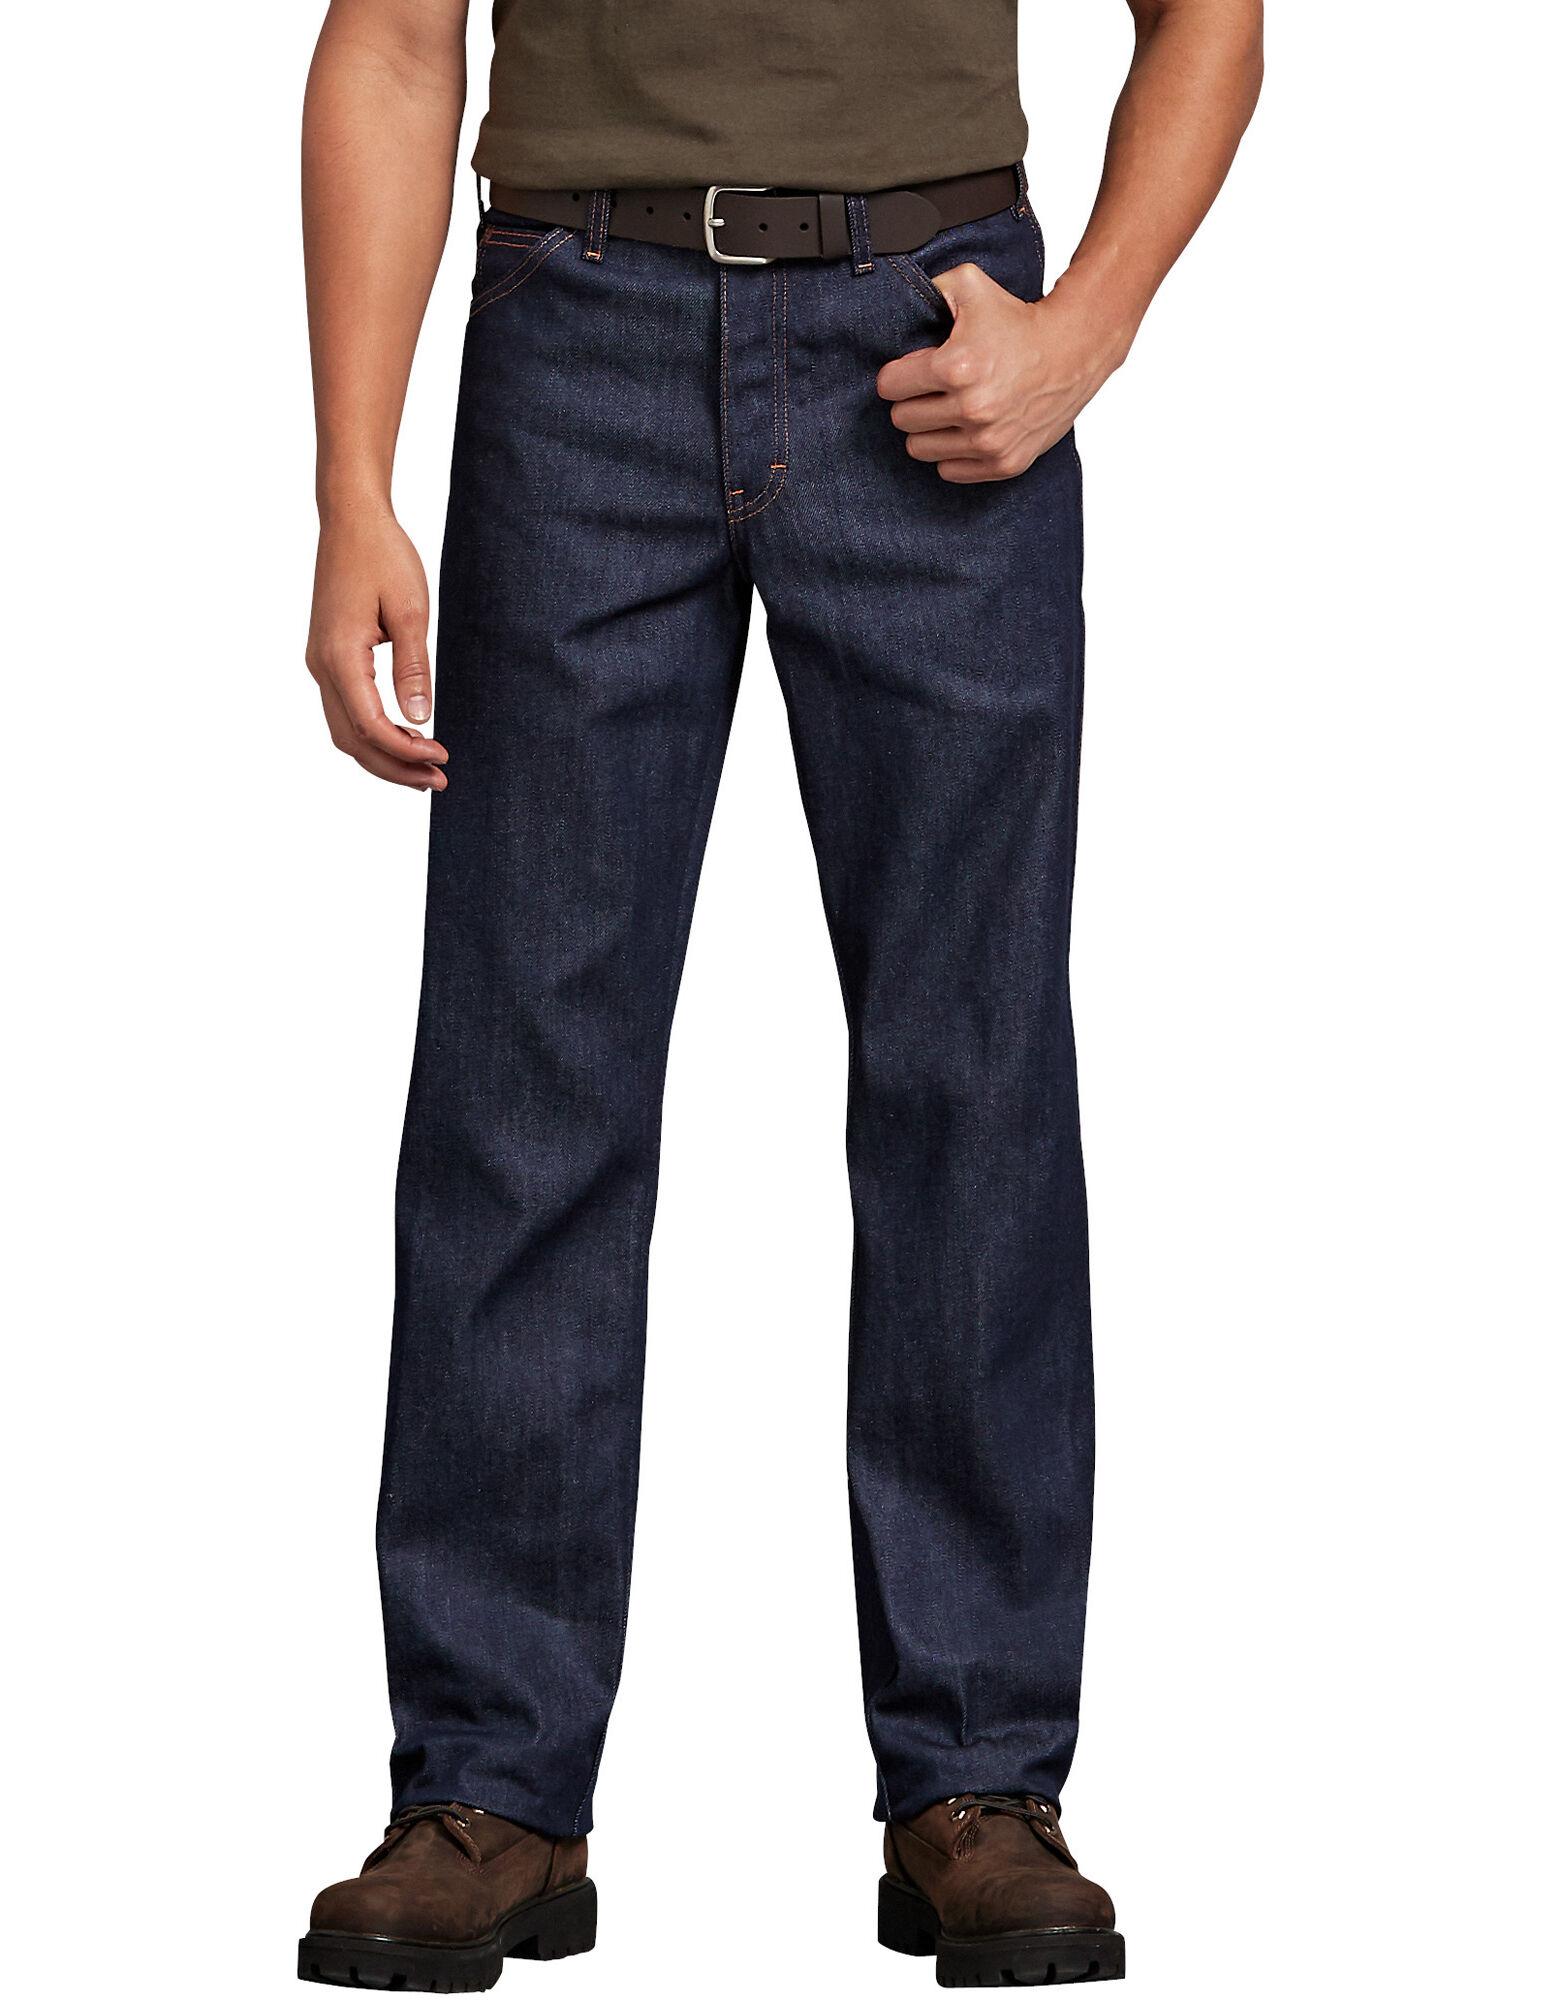 Regular Fit Jeans for Men | Dickies